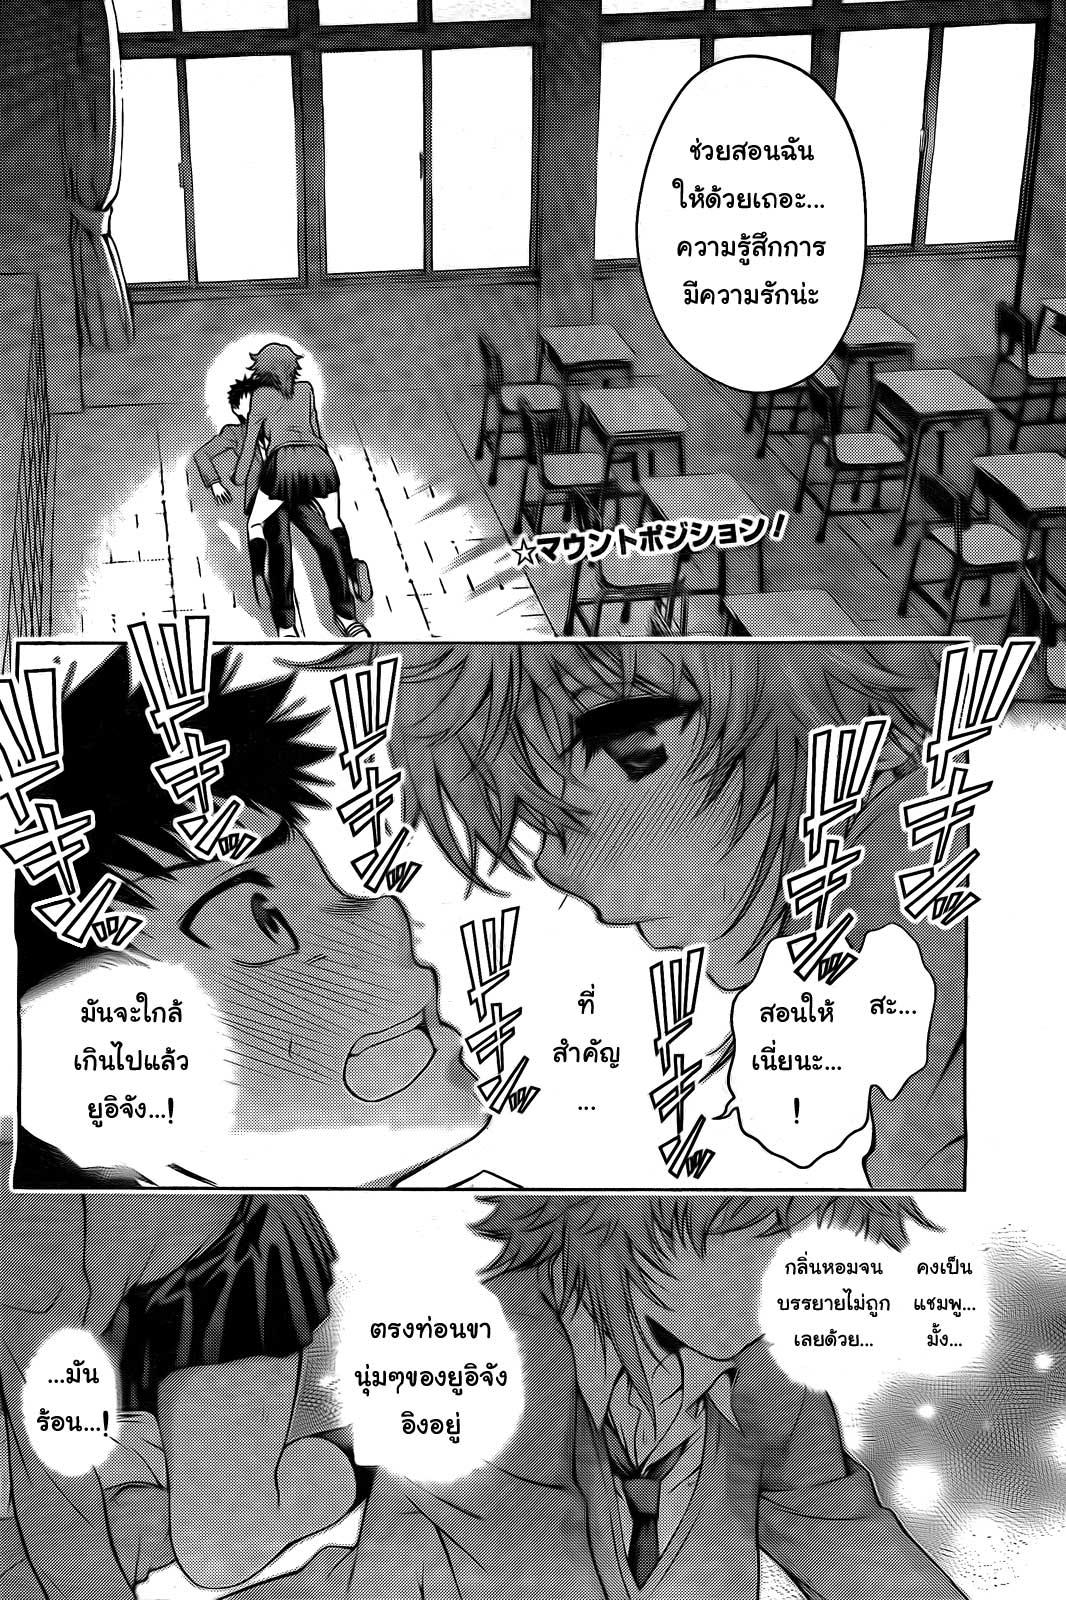 อ่านการ์ตูน Koisome Momiji 6 ภาพที่ 2